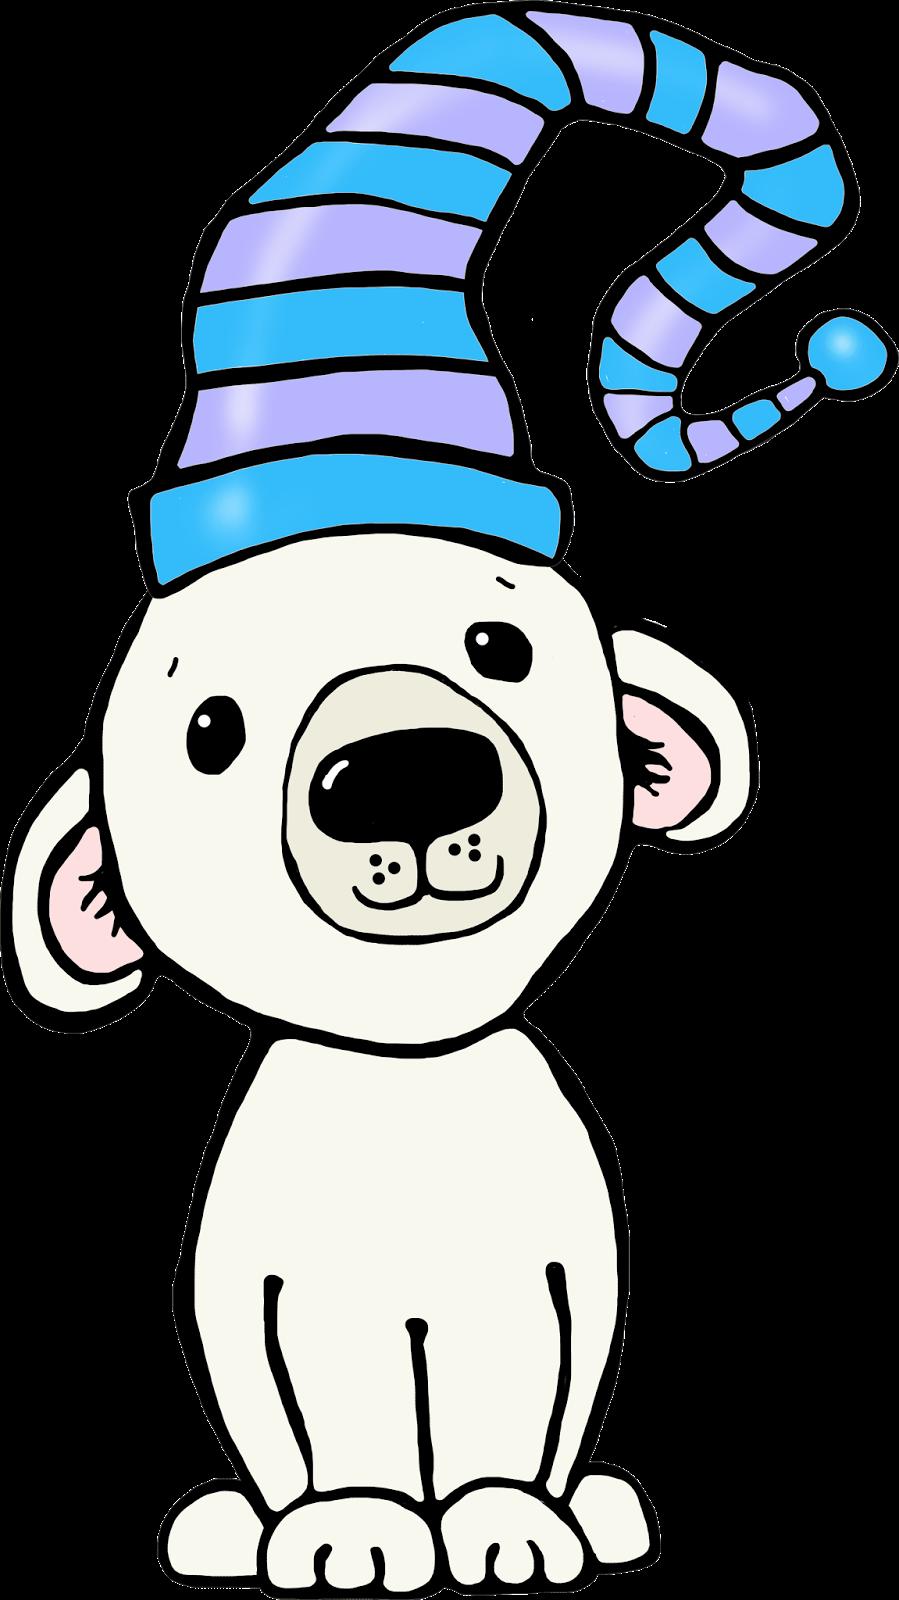 899x1600 Christmas Polar Bear Clip Art. Christmas Polar Bear Clip Art